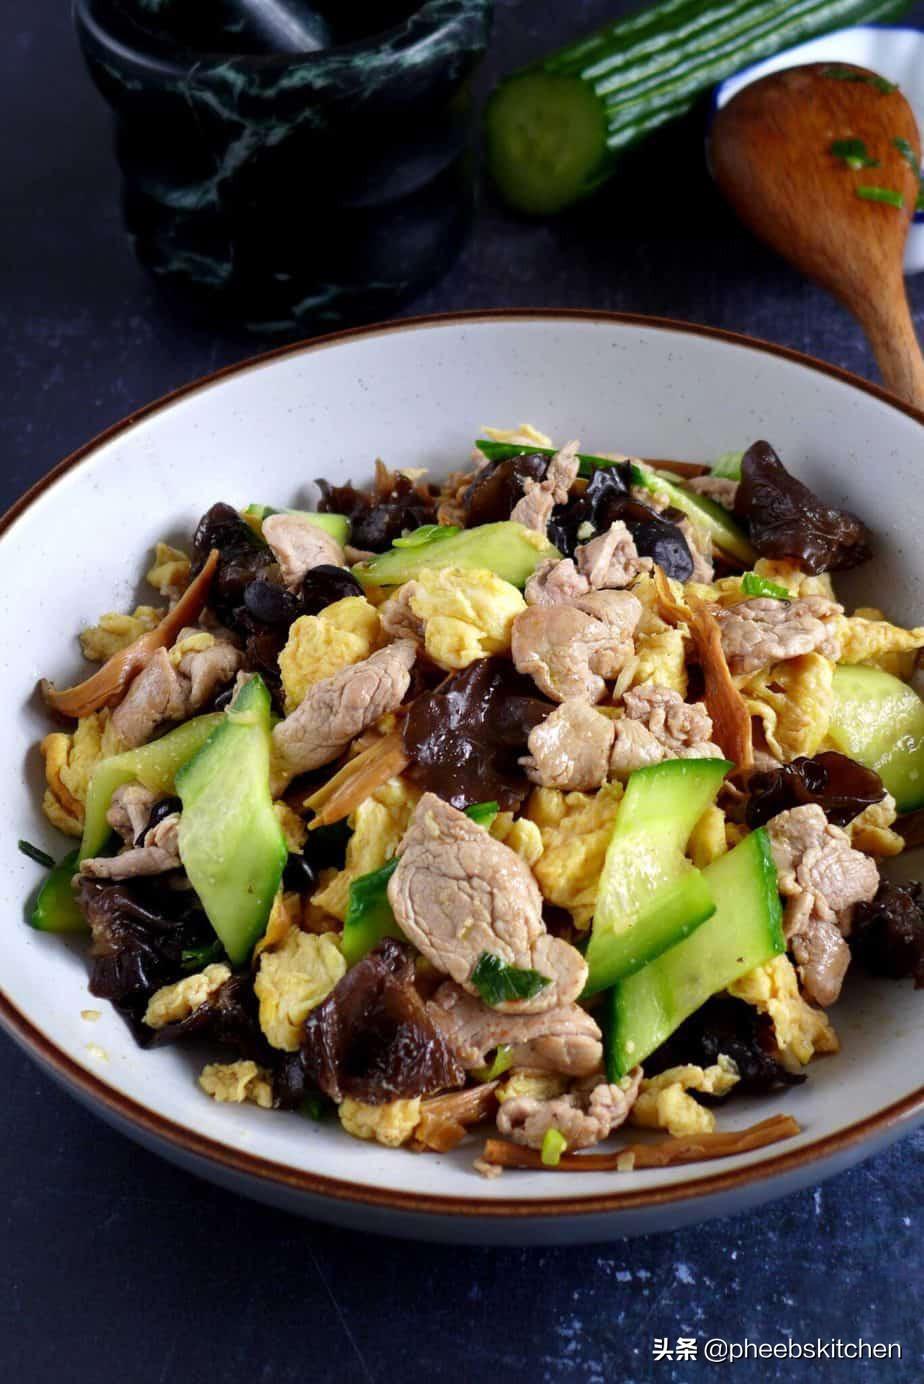 山东传统菜木须肉,营养丰富,很适合老人和孩子,家常做法 美食做法 第2张